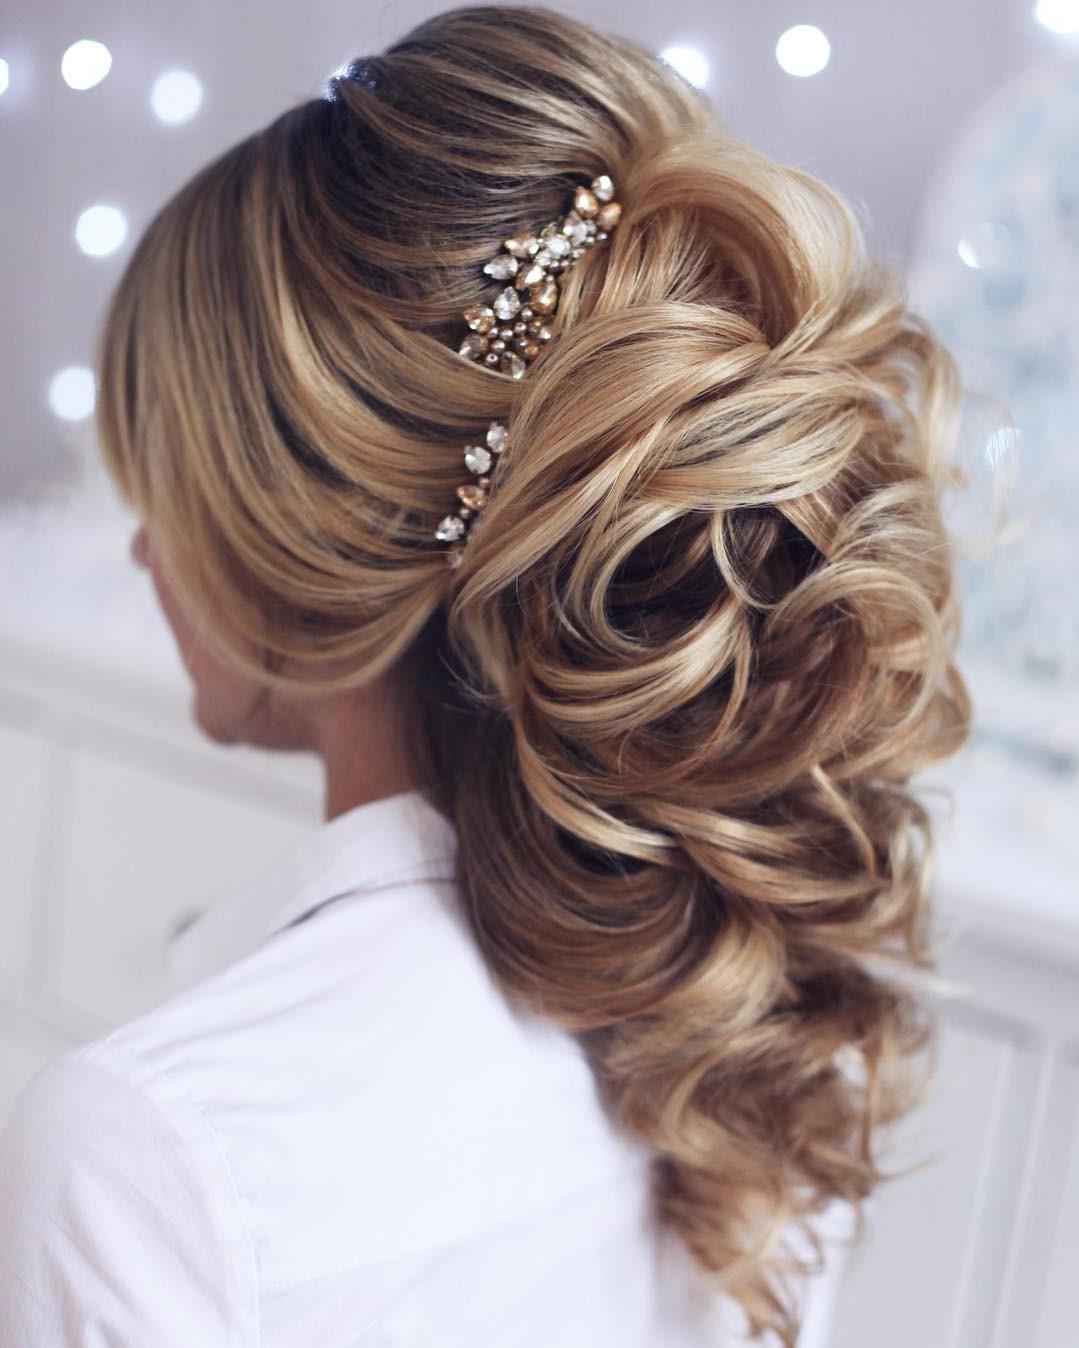 Coiffures de mariage pour cheveux longs: des accessoires amusants tels que des épingles en perles, des diadèmes délicats et des peignes vintage sont à la mode.